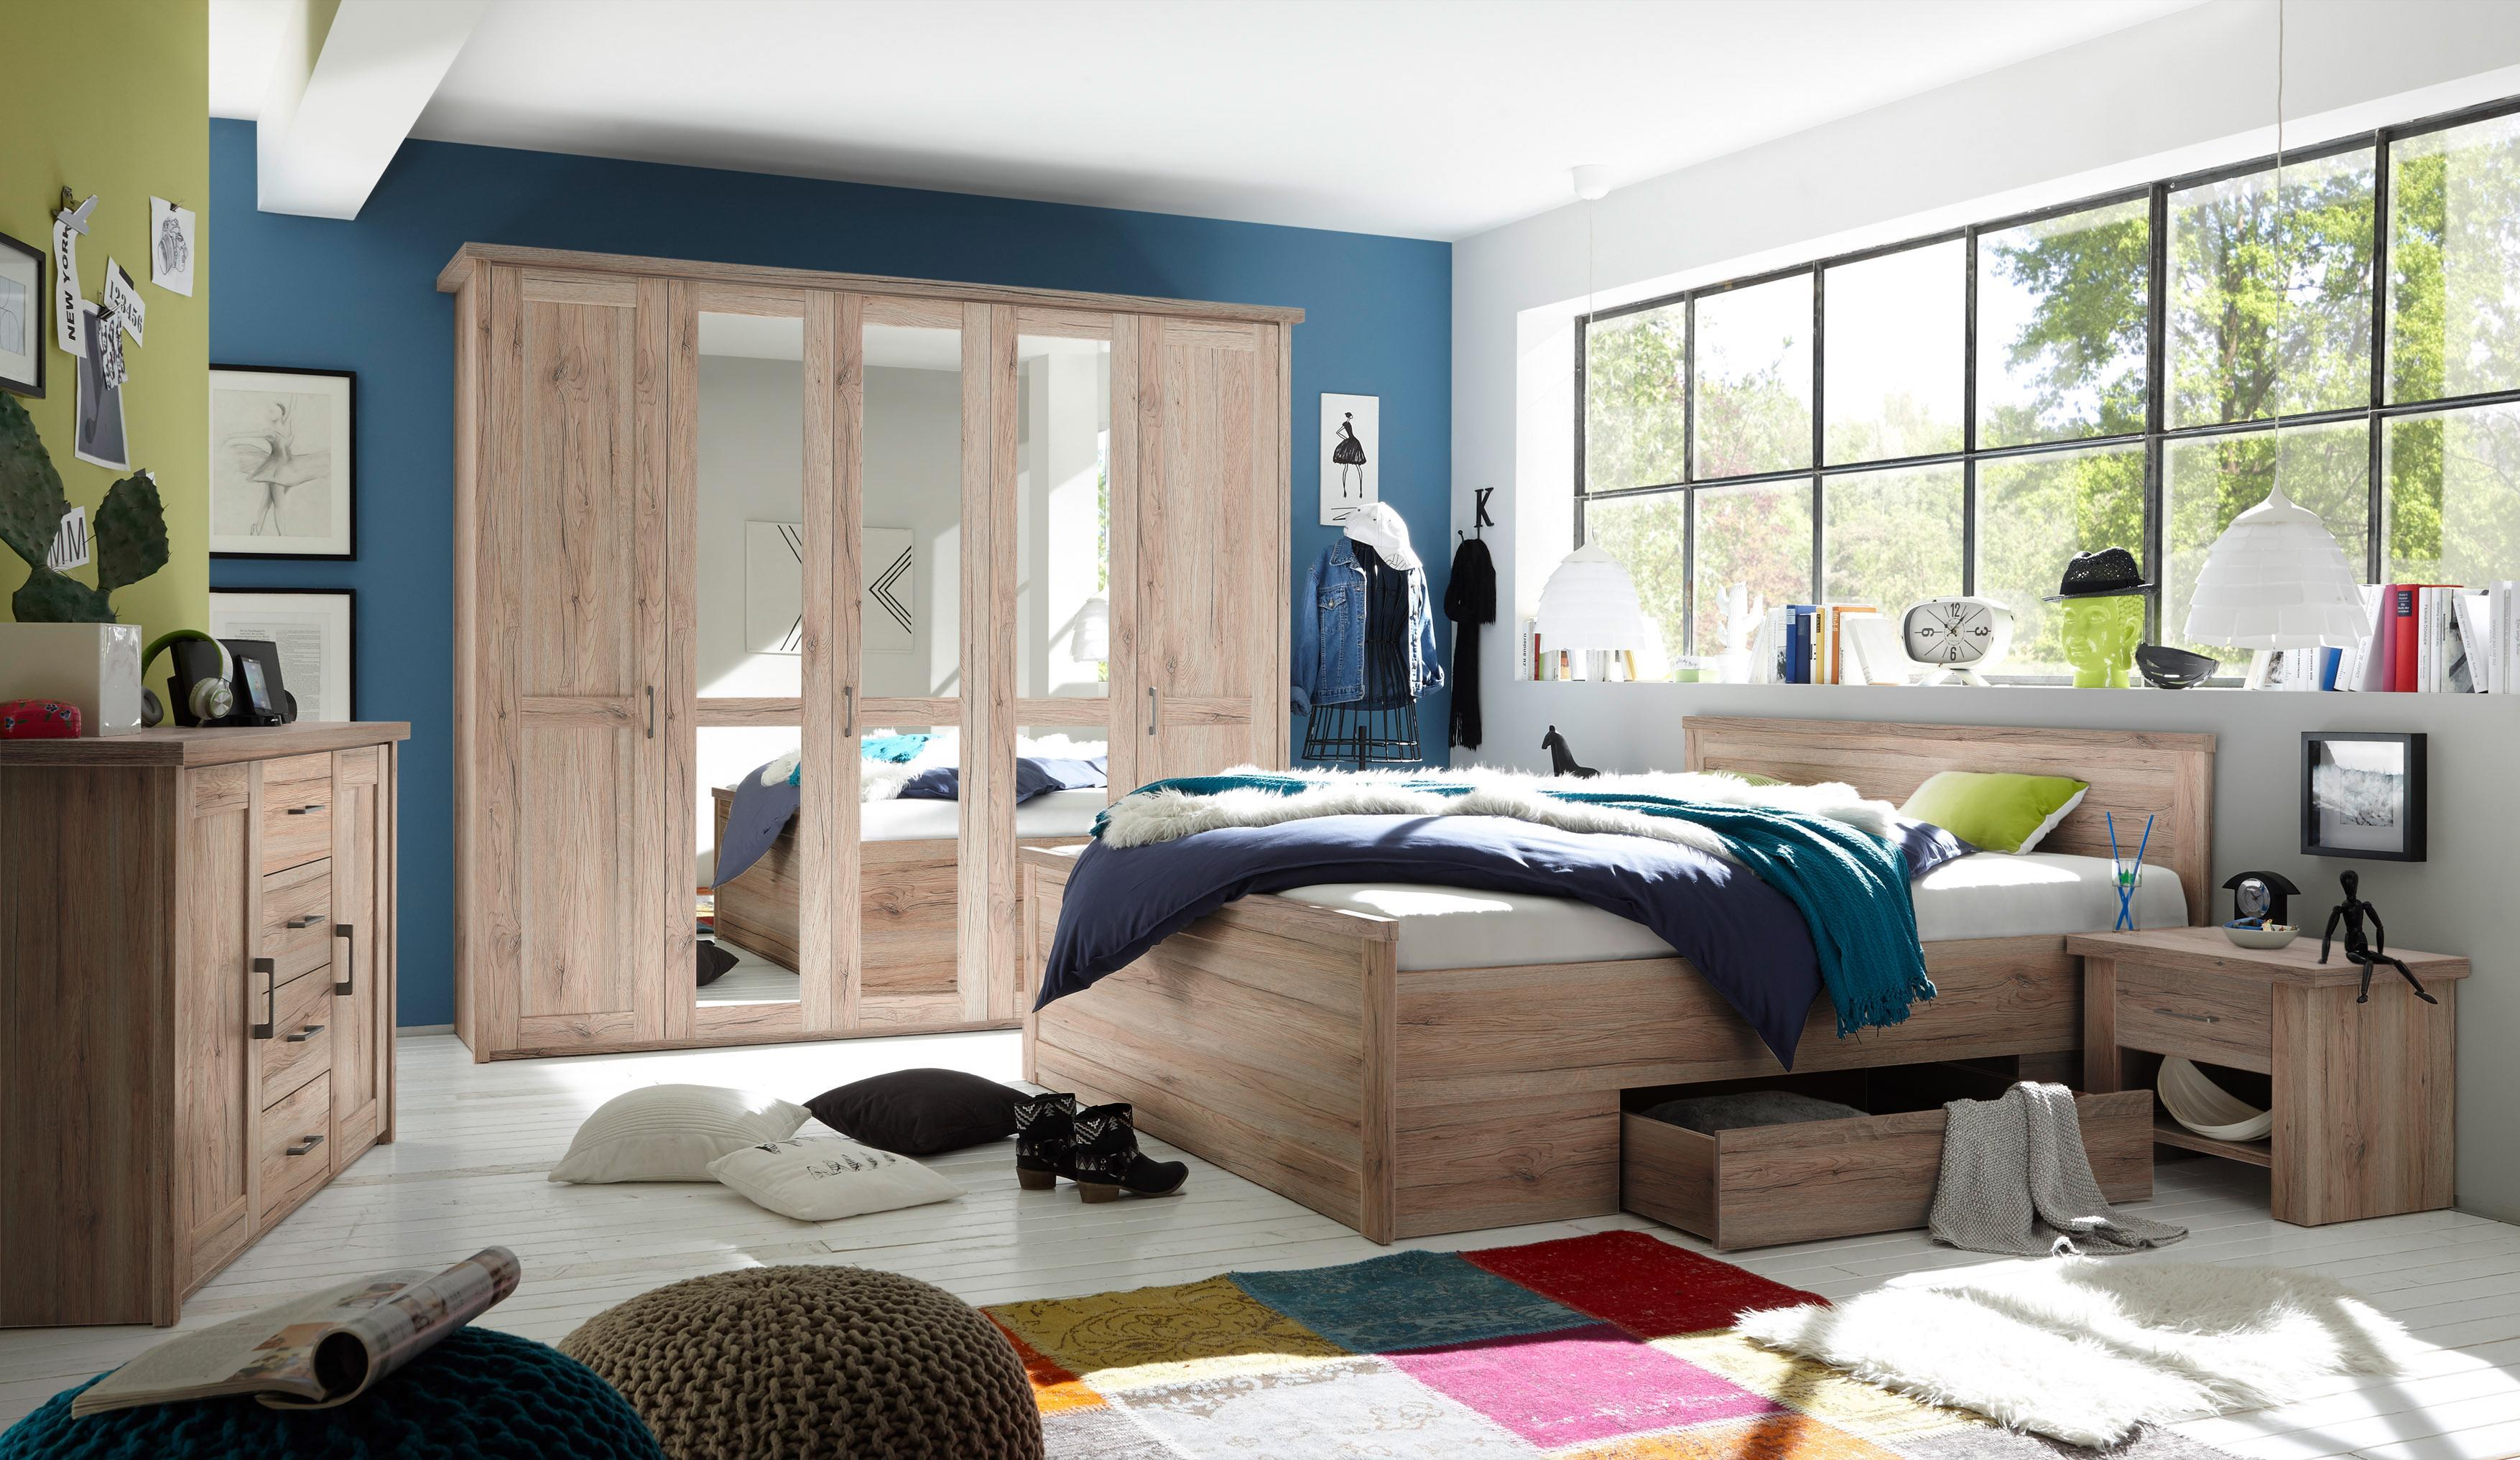 Luca 1 schlafzimmer komplettset bett kleiderschrank set pinie wei tr ffel schlafen - Schlafzimmer luca ...